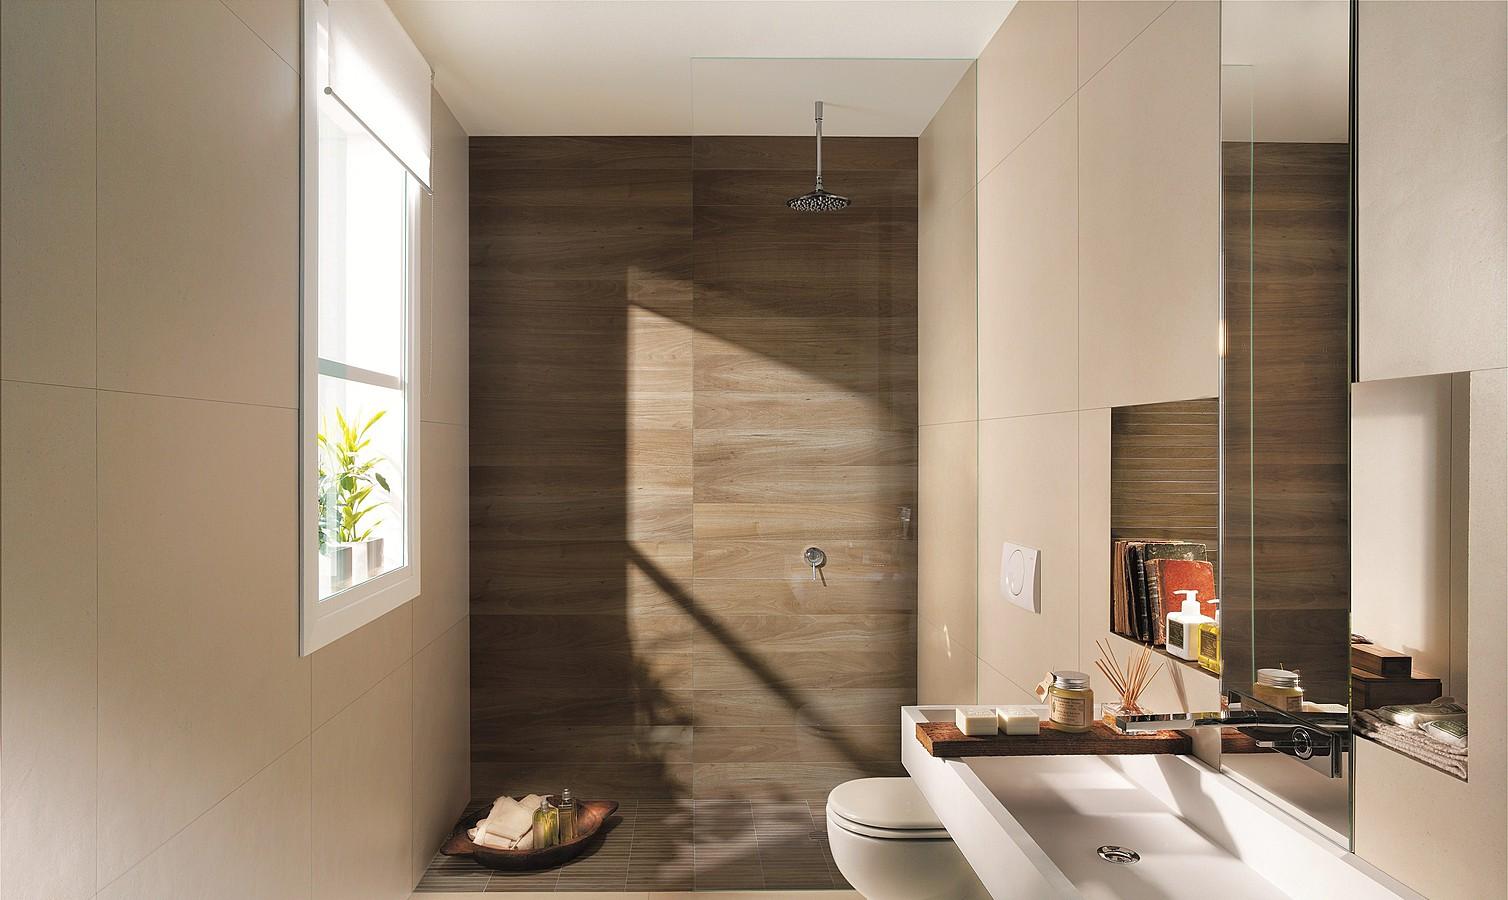 Piastrelle cucina effetto legno pavimento ceramica effetto legno